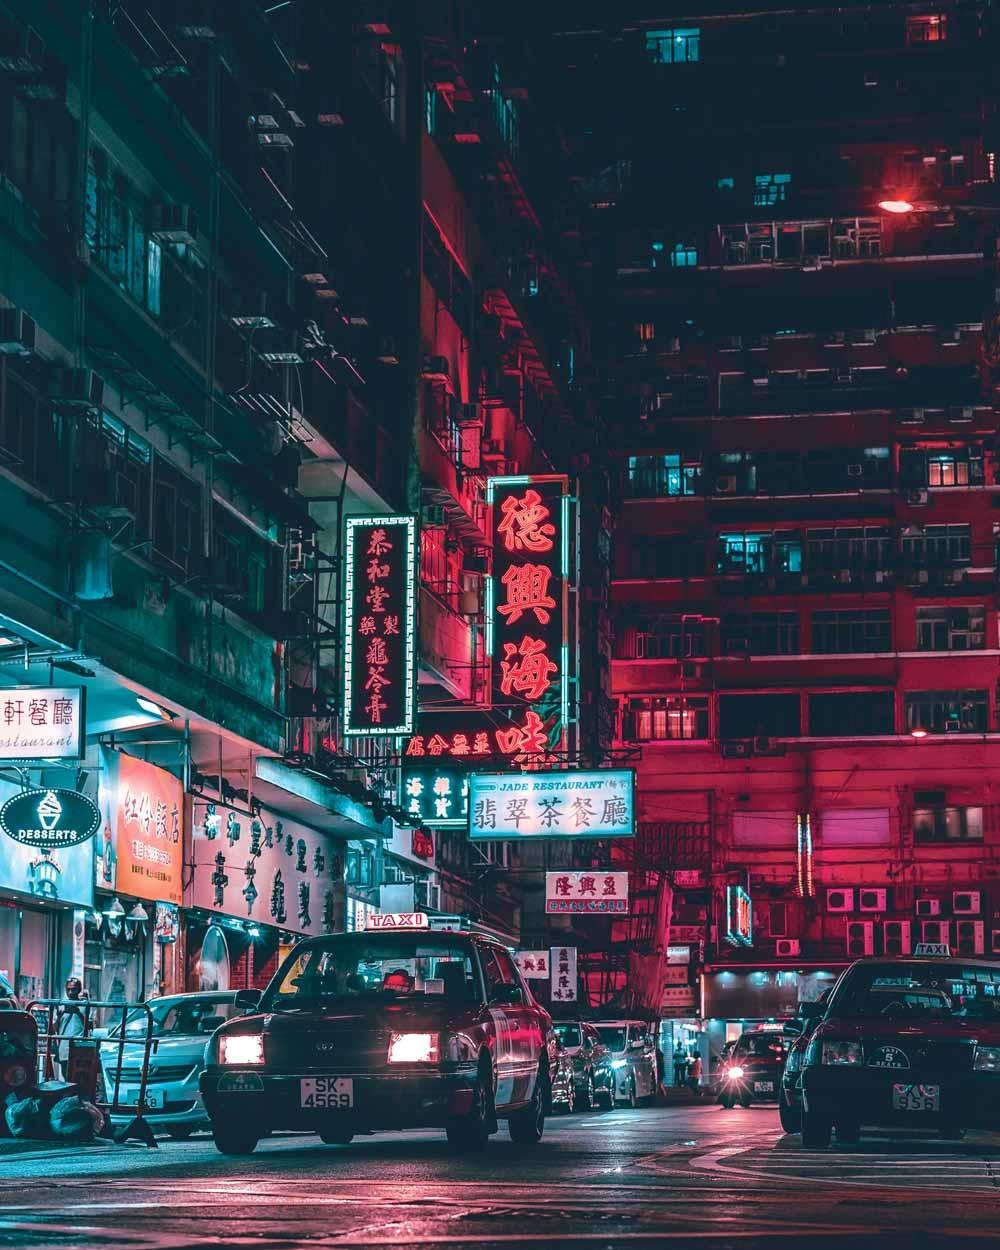 In de Shanhe-buurt in Shenzhen hangen veel jonge mannen op straat en in internetcafé's, af en toe hebben ze losse baantjes. © Sean Foley / Unsplash